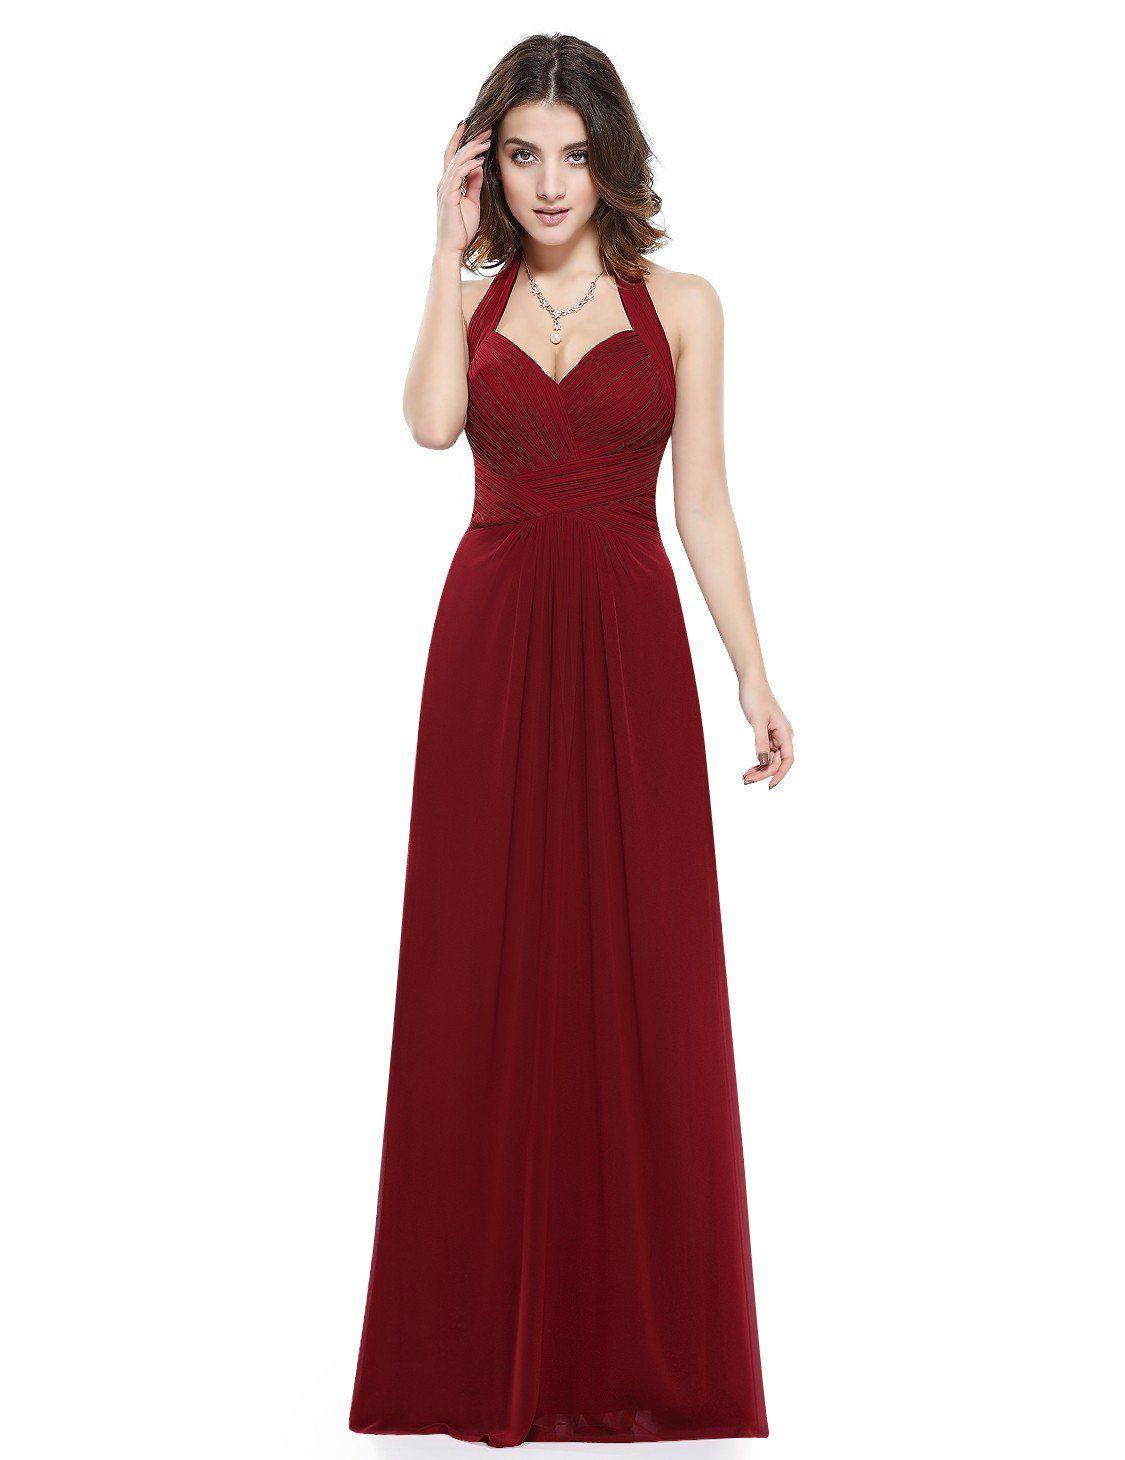 Erstaunlich Abendkleid Bordeaux Lang Vertrieb17 Schön Abendkleid Bordeaux Lang Design